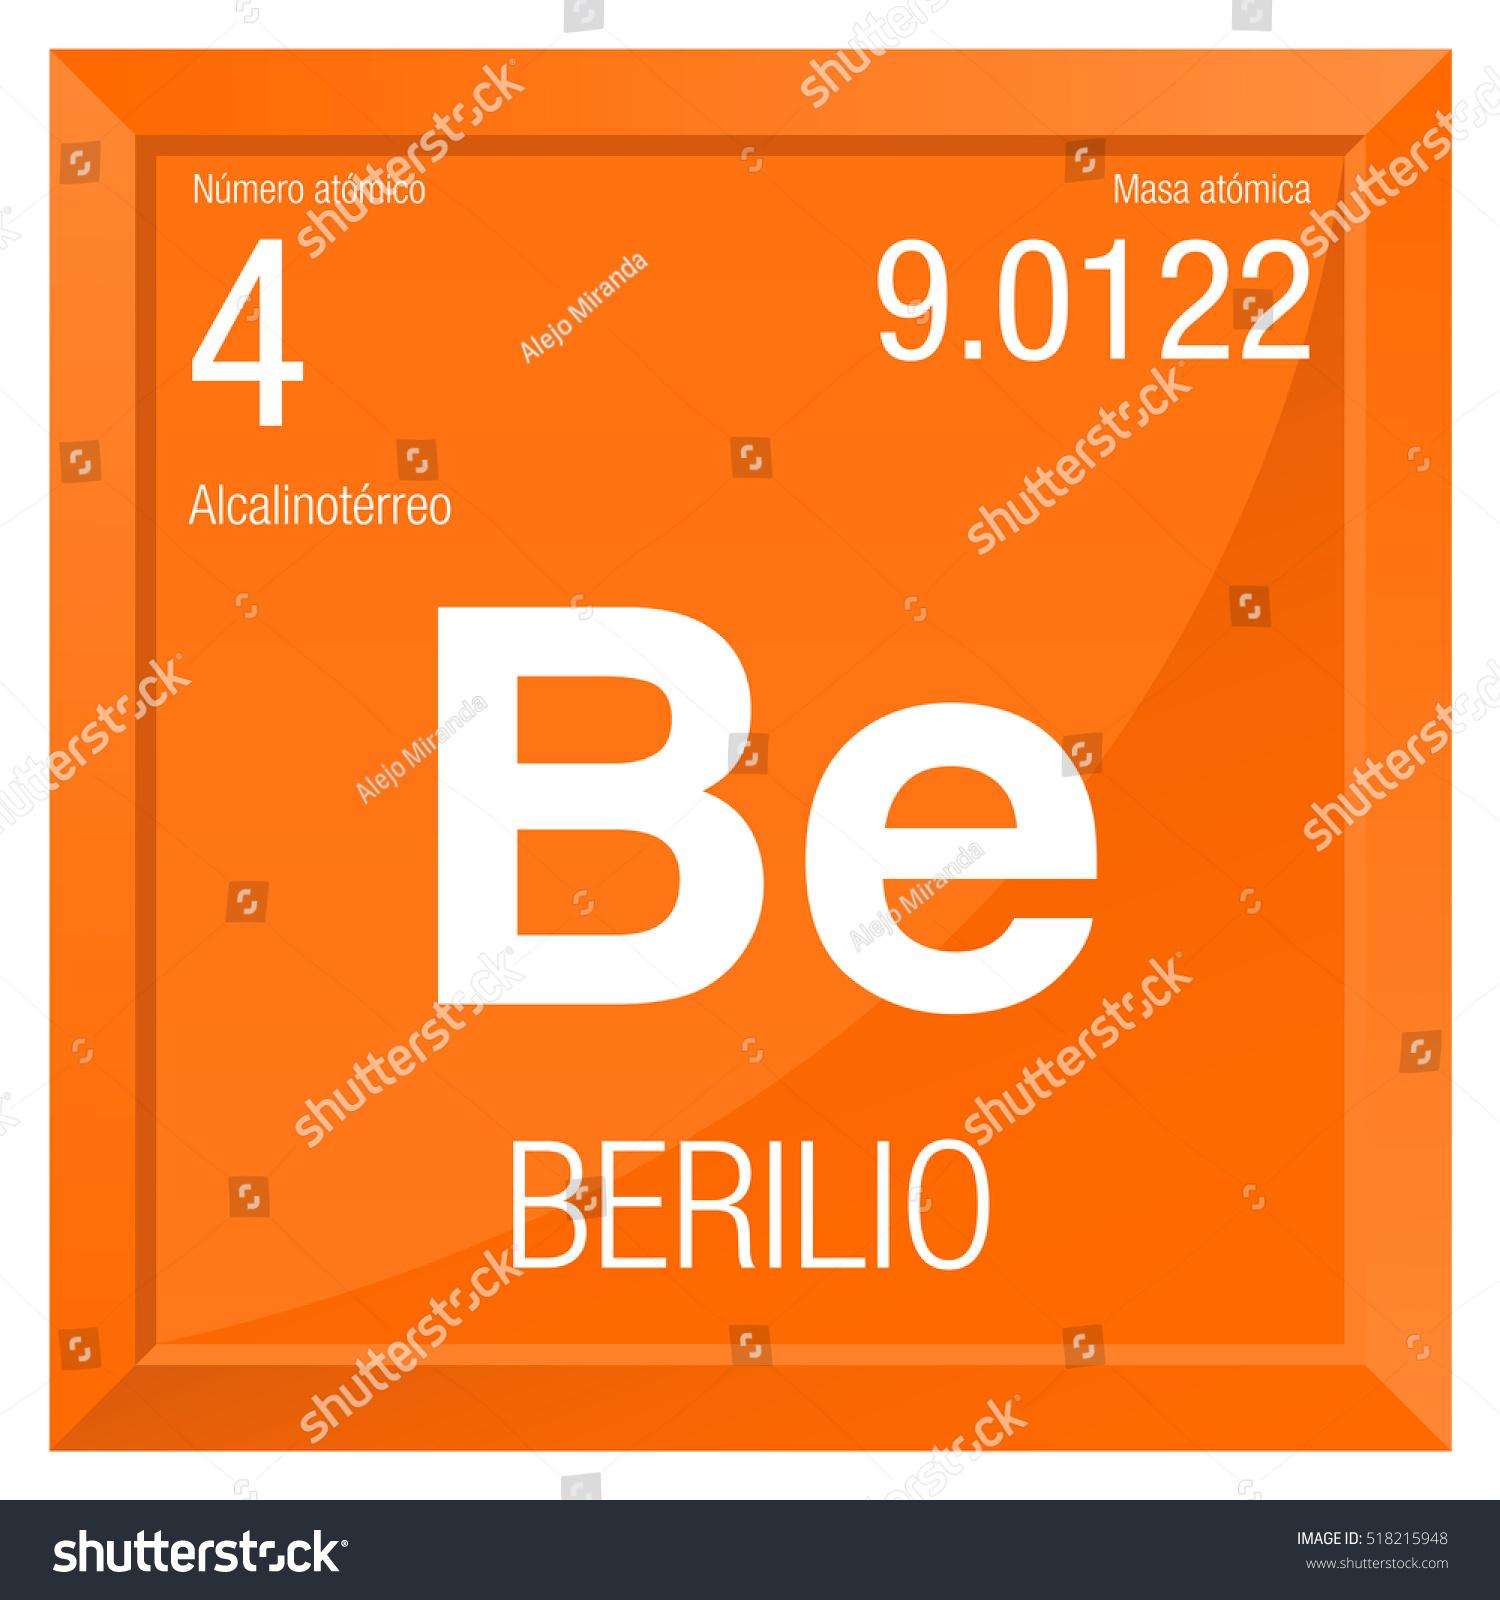 Berilio symbol beryllium spanish language element stock vector berilio symbol beryllium in spanish language element number 4 of the periodic table of urtaz Image collections